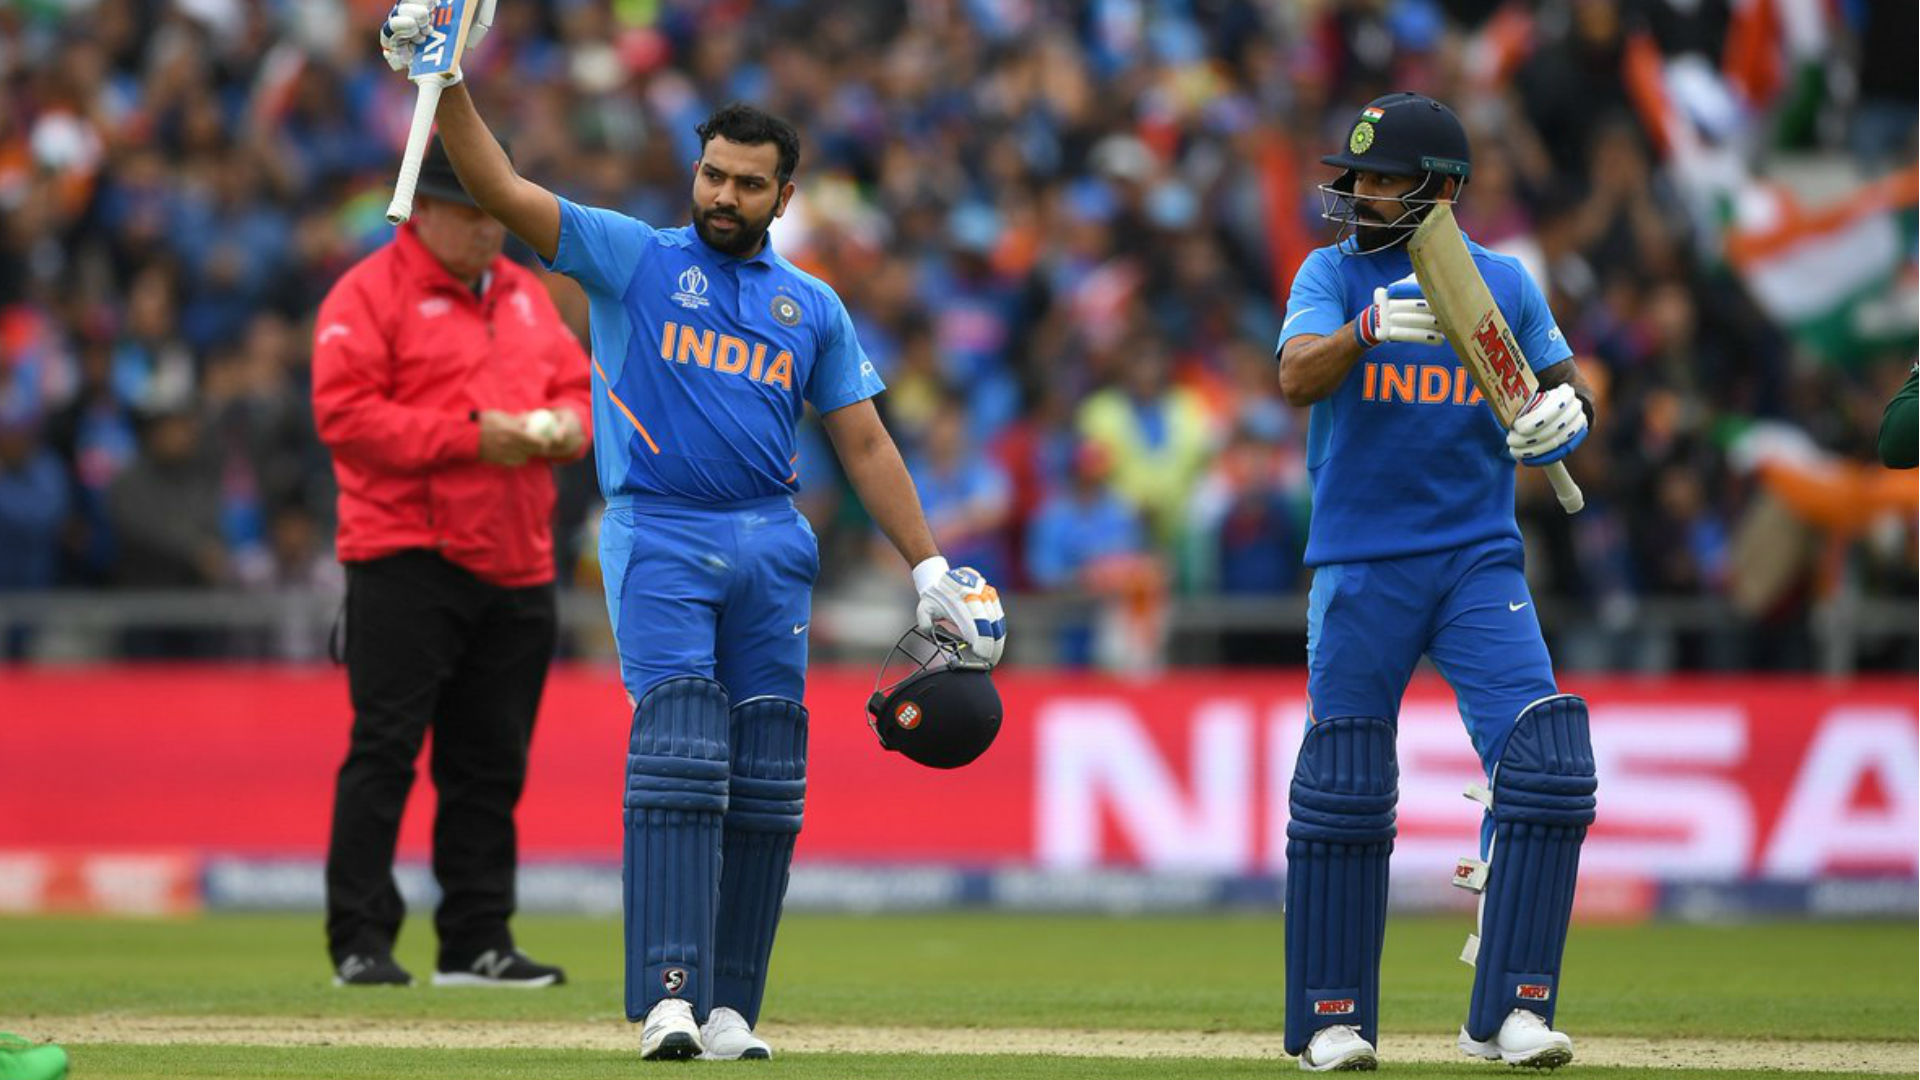 India Vs Pakistan: रोहित शर्मा का शतक, वर्ल्ड कप में पाकिस्तान के खिलाफ सेंचुरी लगाने वाले दूसरे भारतीय